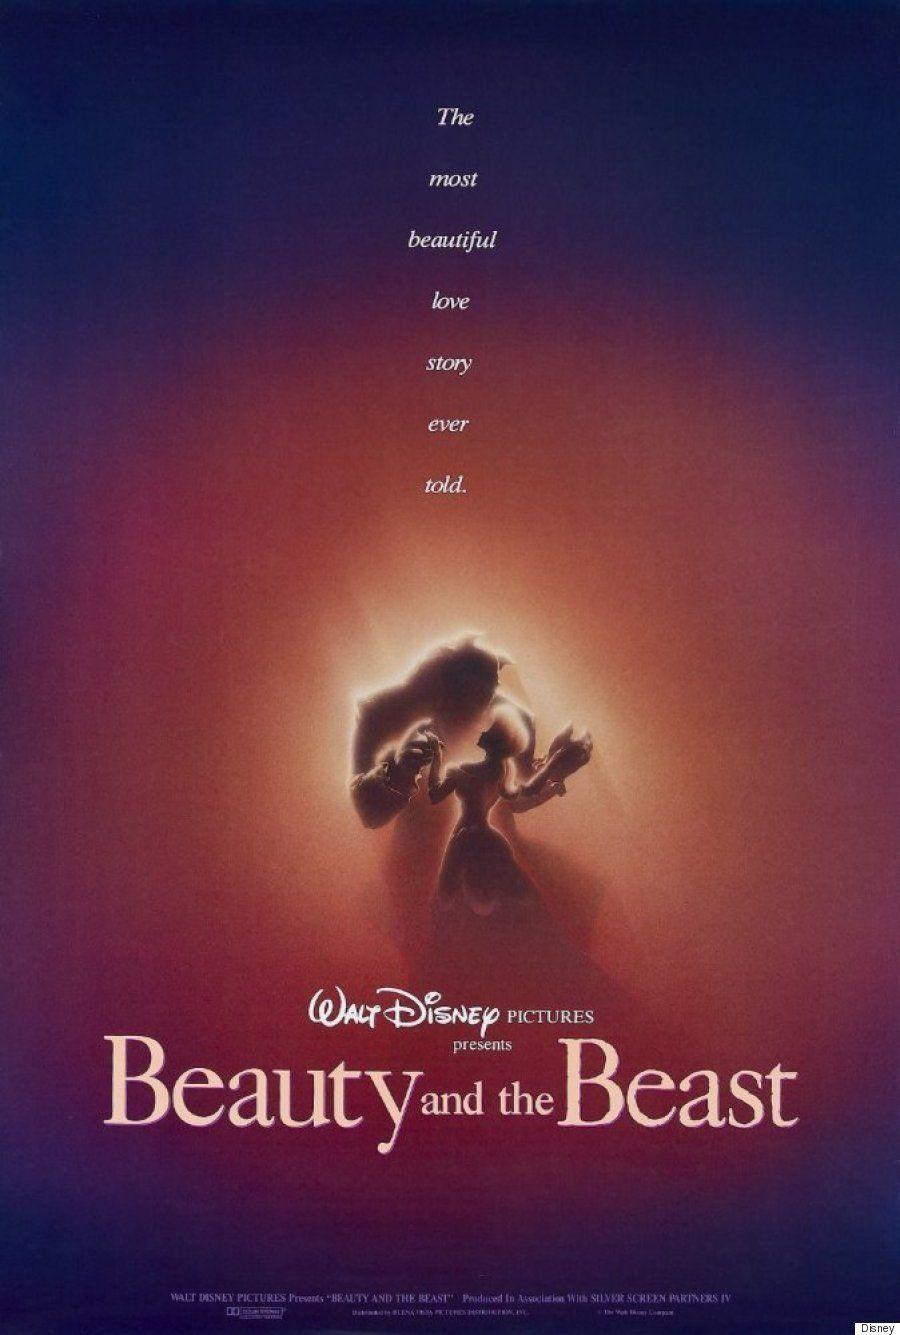 'A Bela e a Fera': Disney divulga novo pôster do filme com Emma